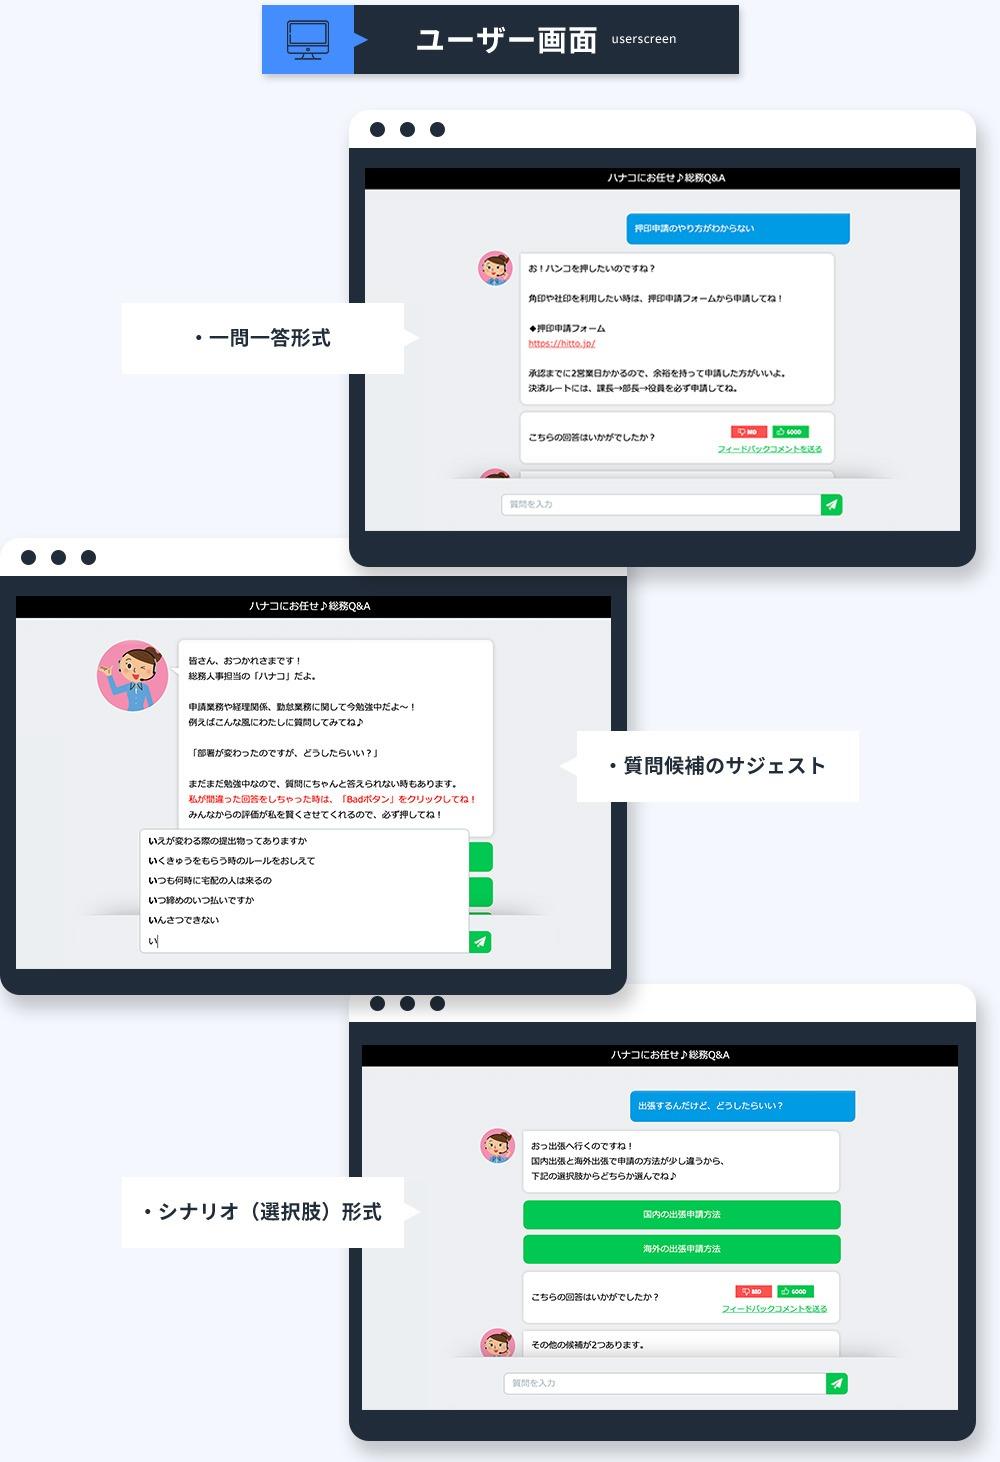 ユーザー画面